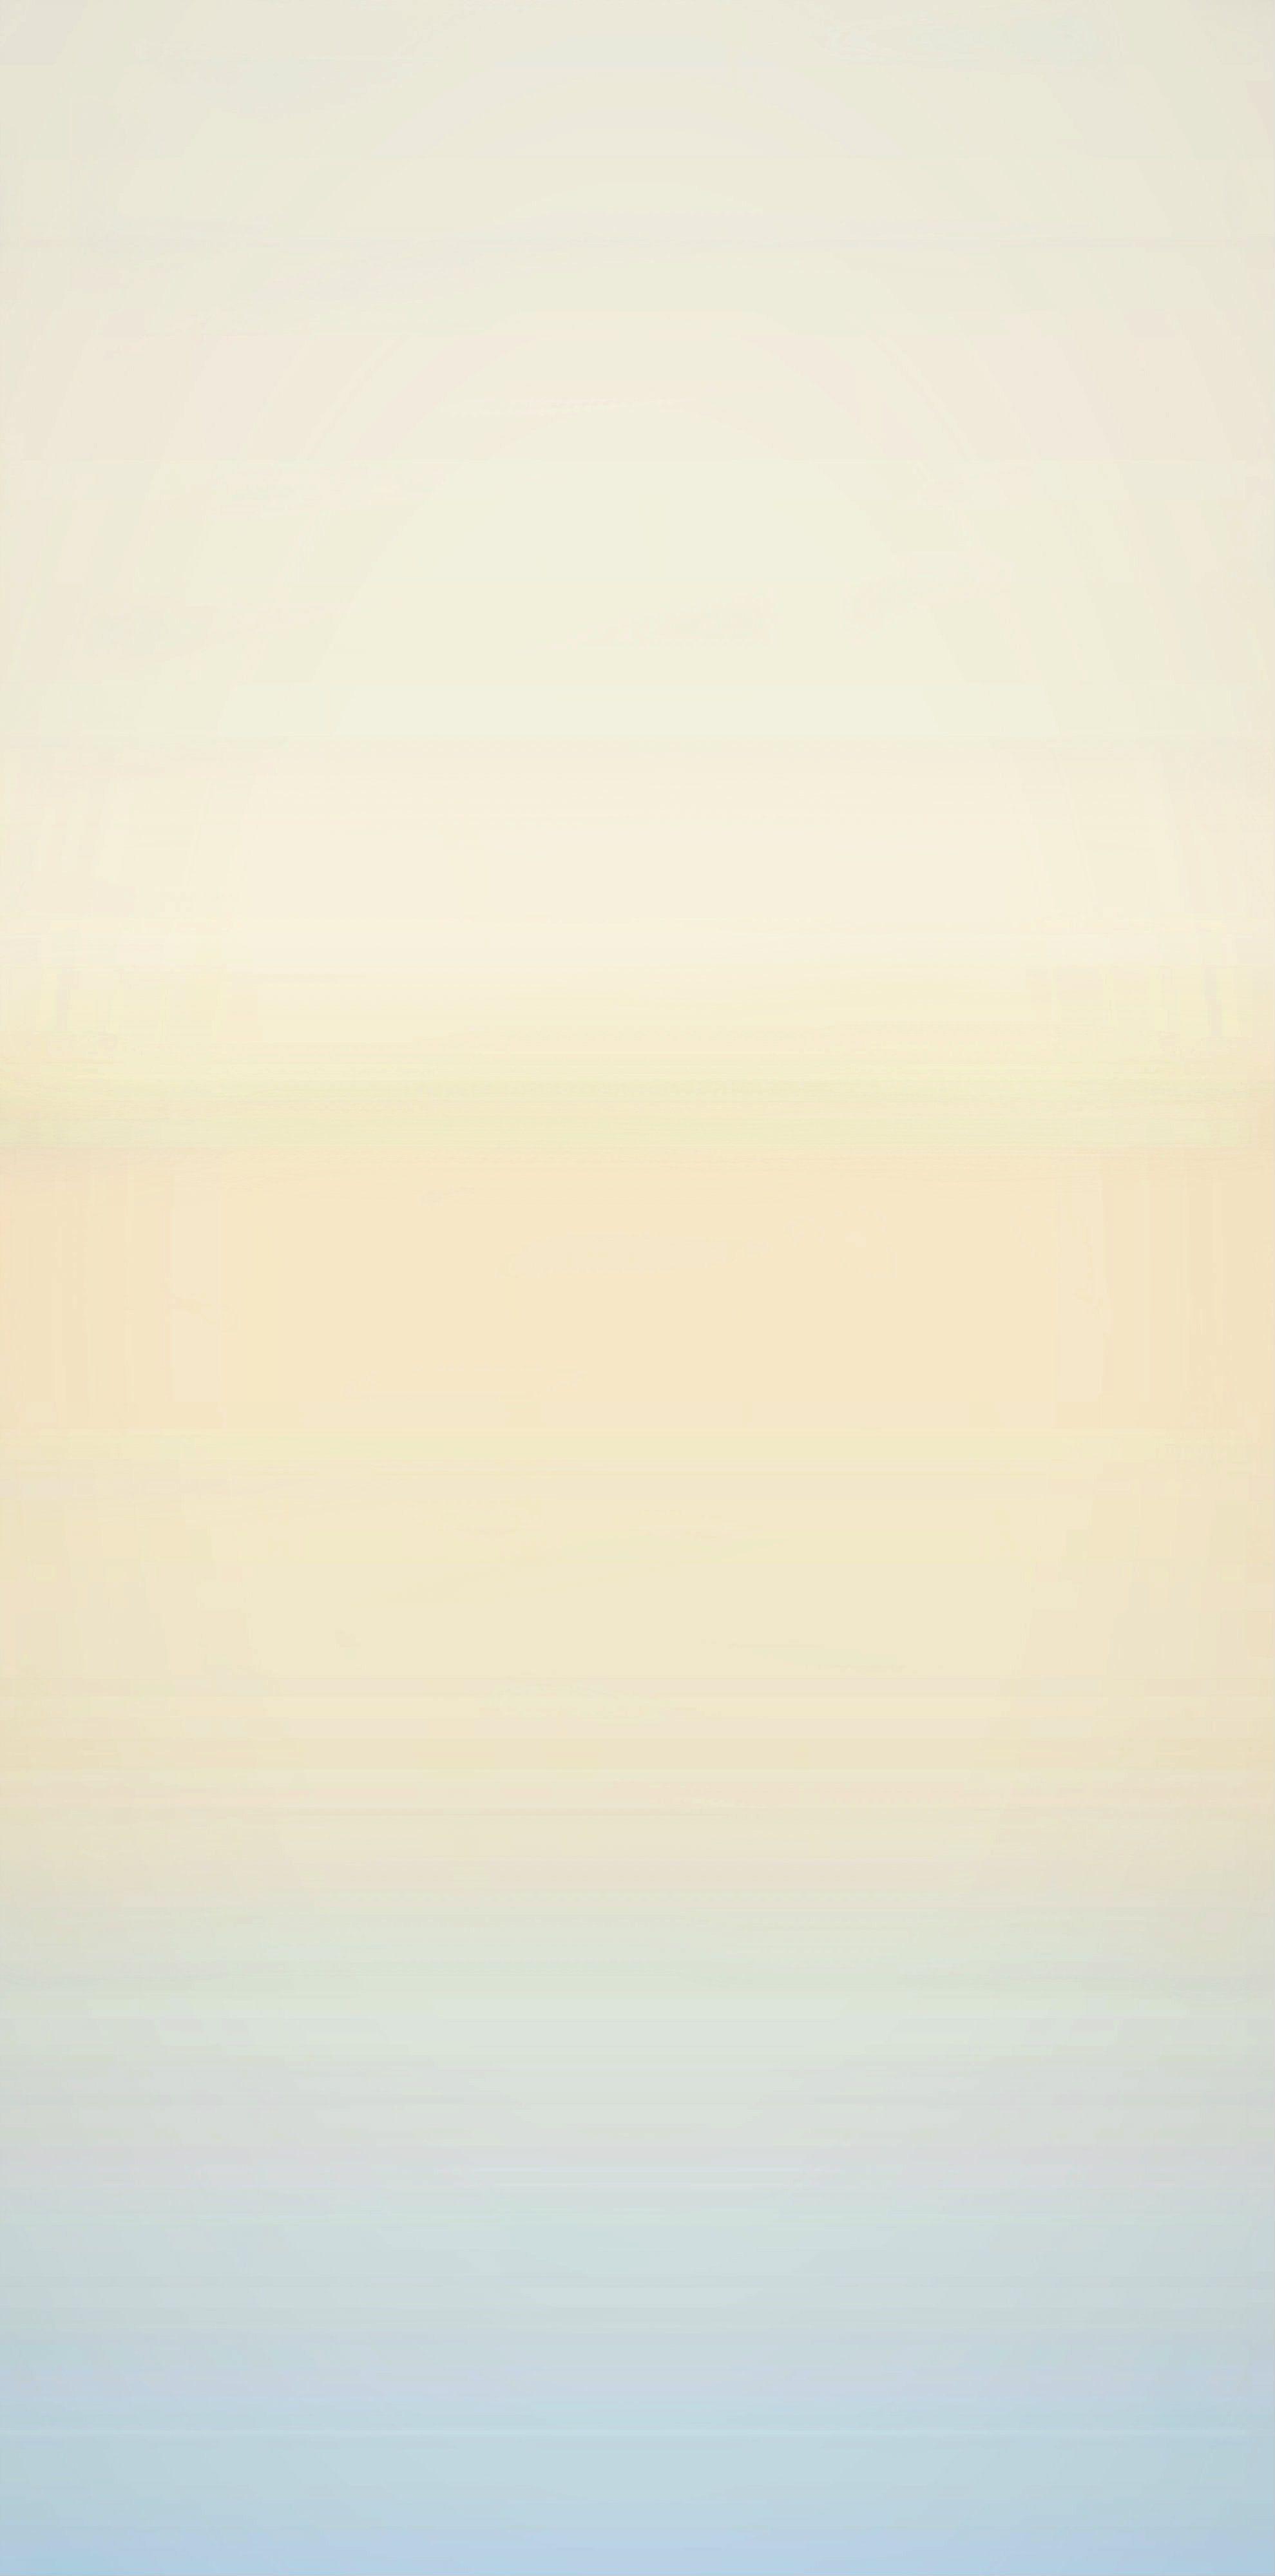 Iphone Wallpaper Ombre Fond Ecran Bleu